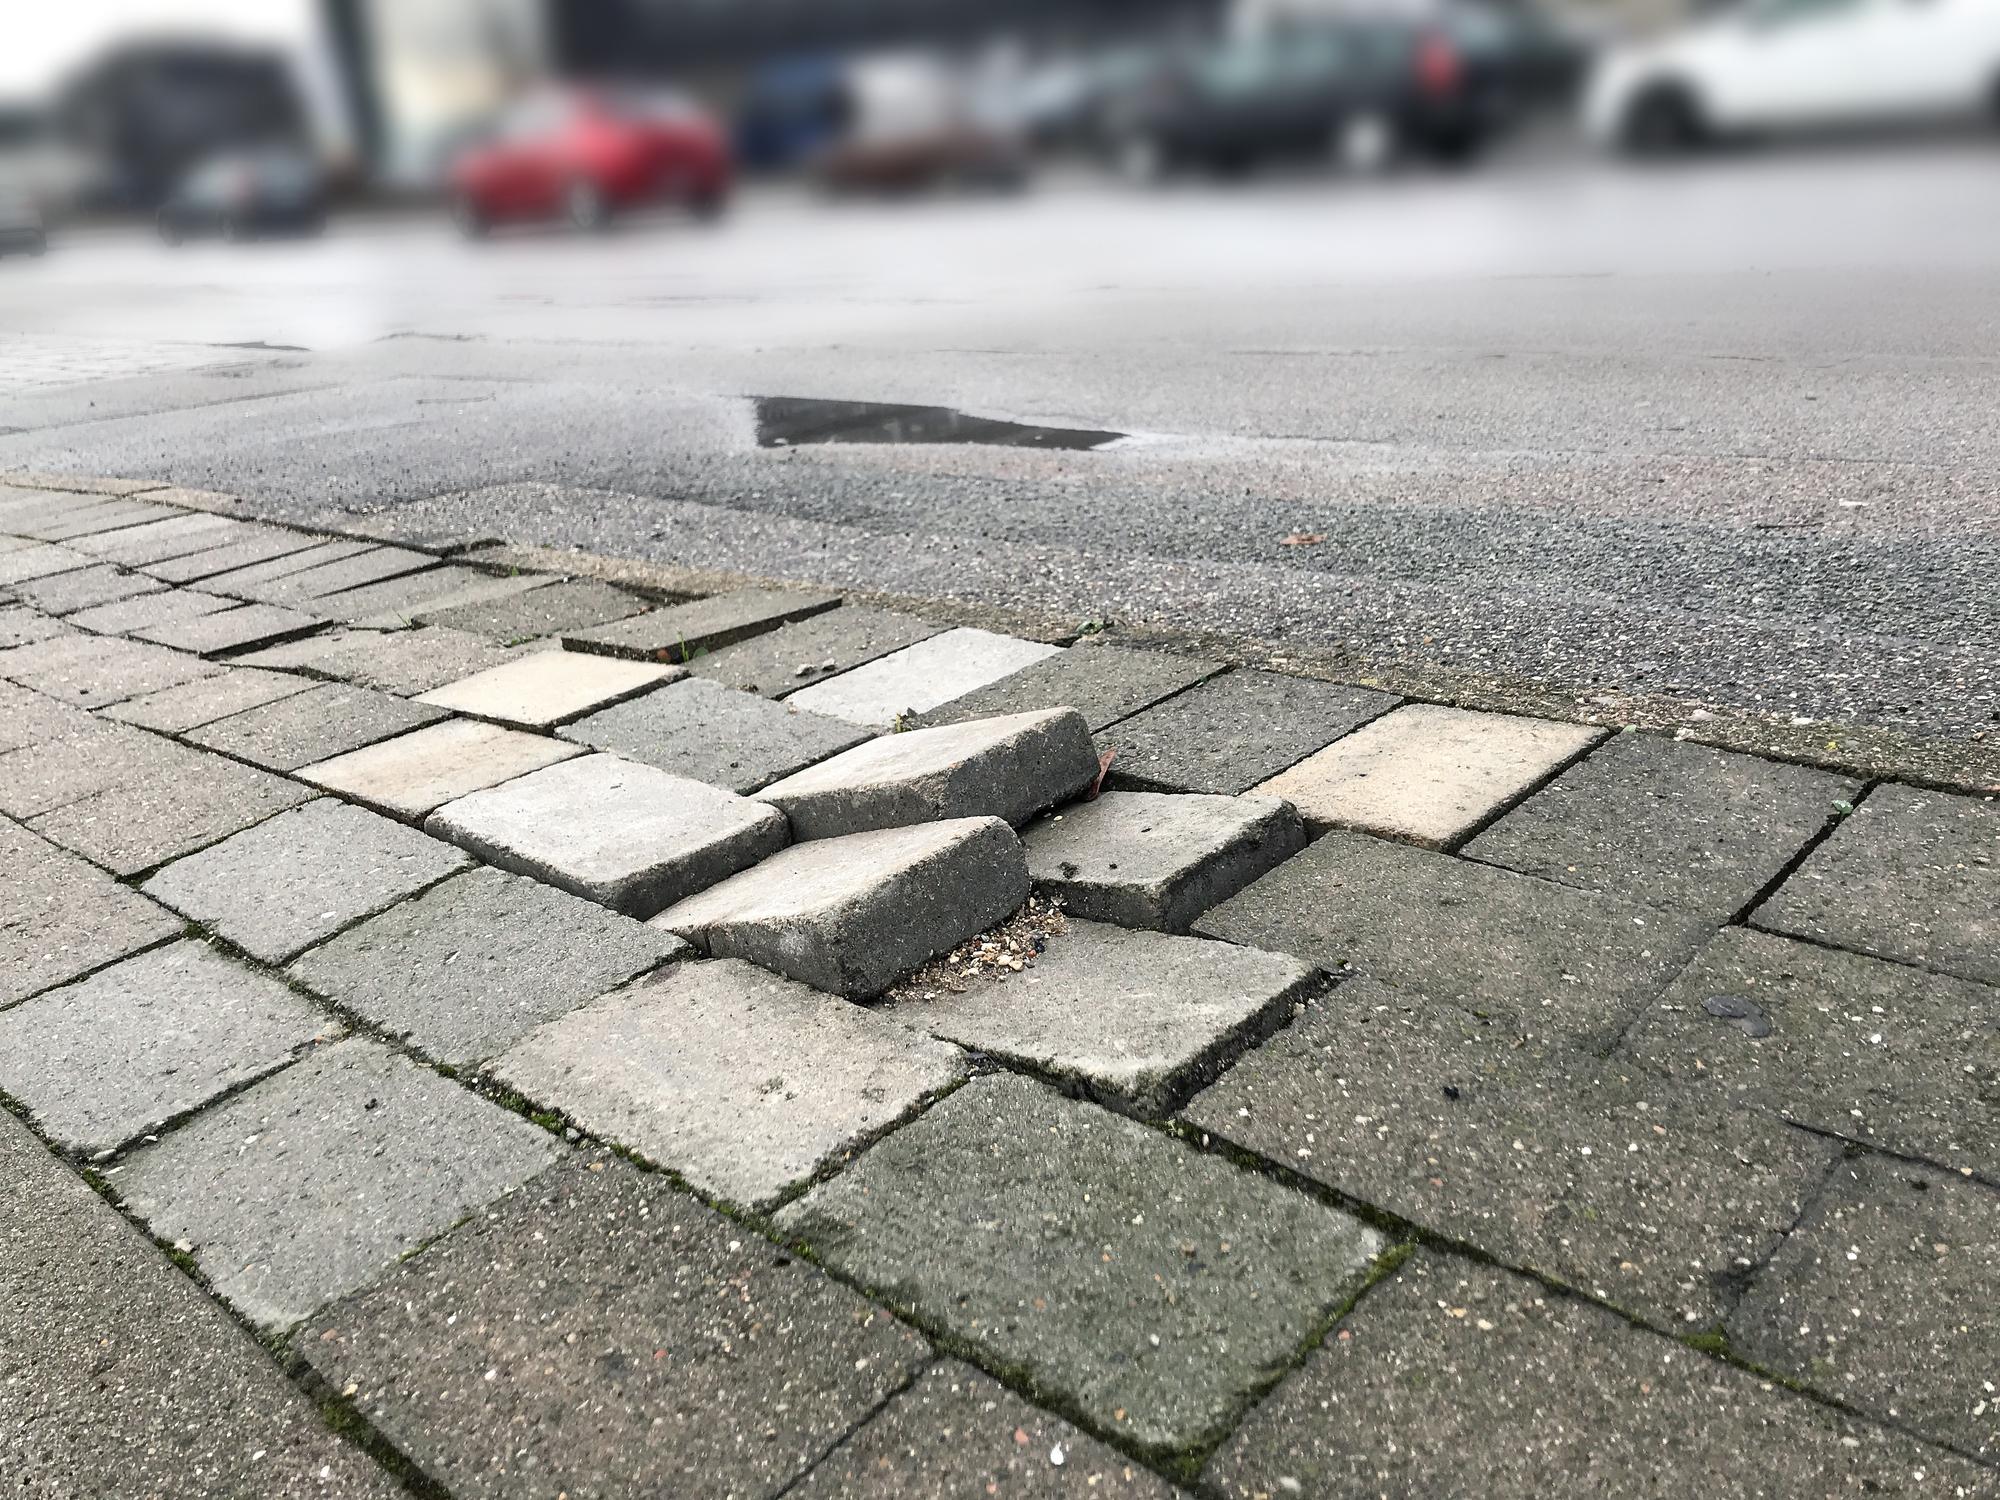 Brick Paver Repairs – Brick Patio Repairs Made Easy